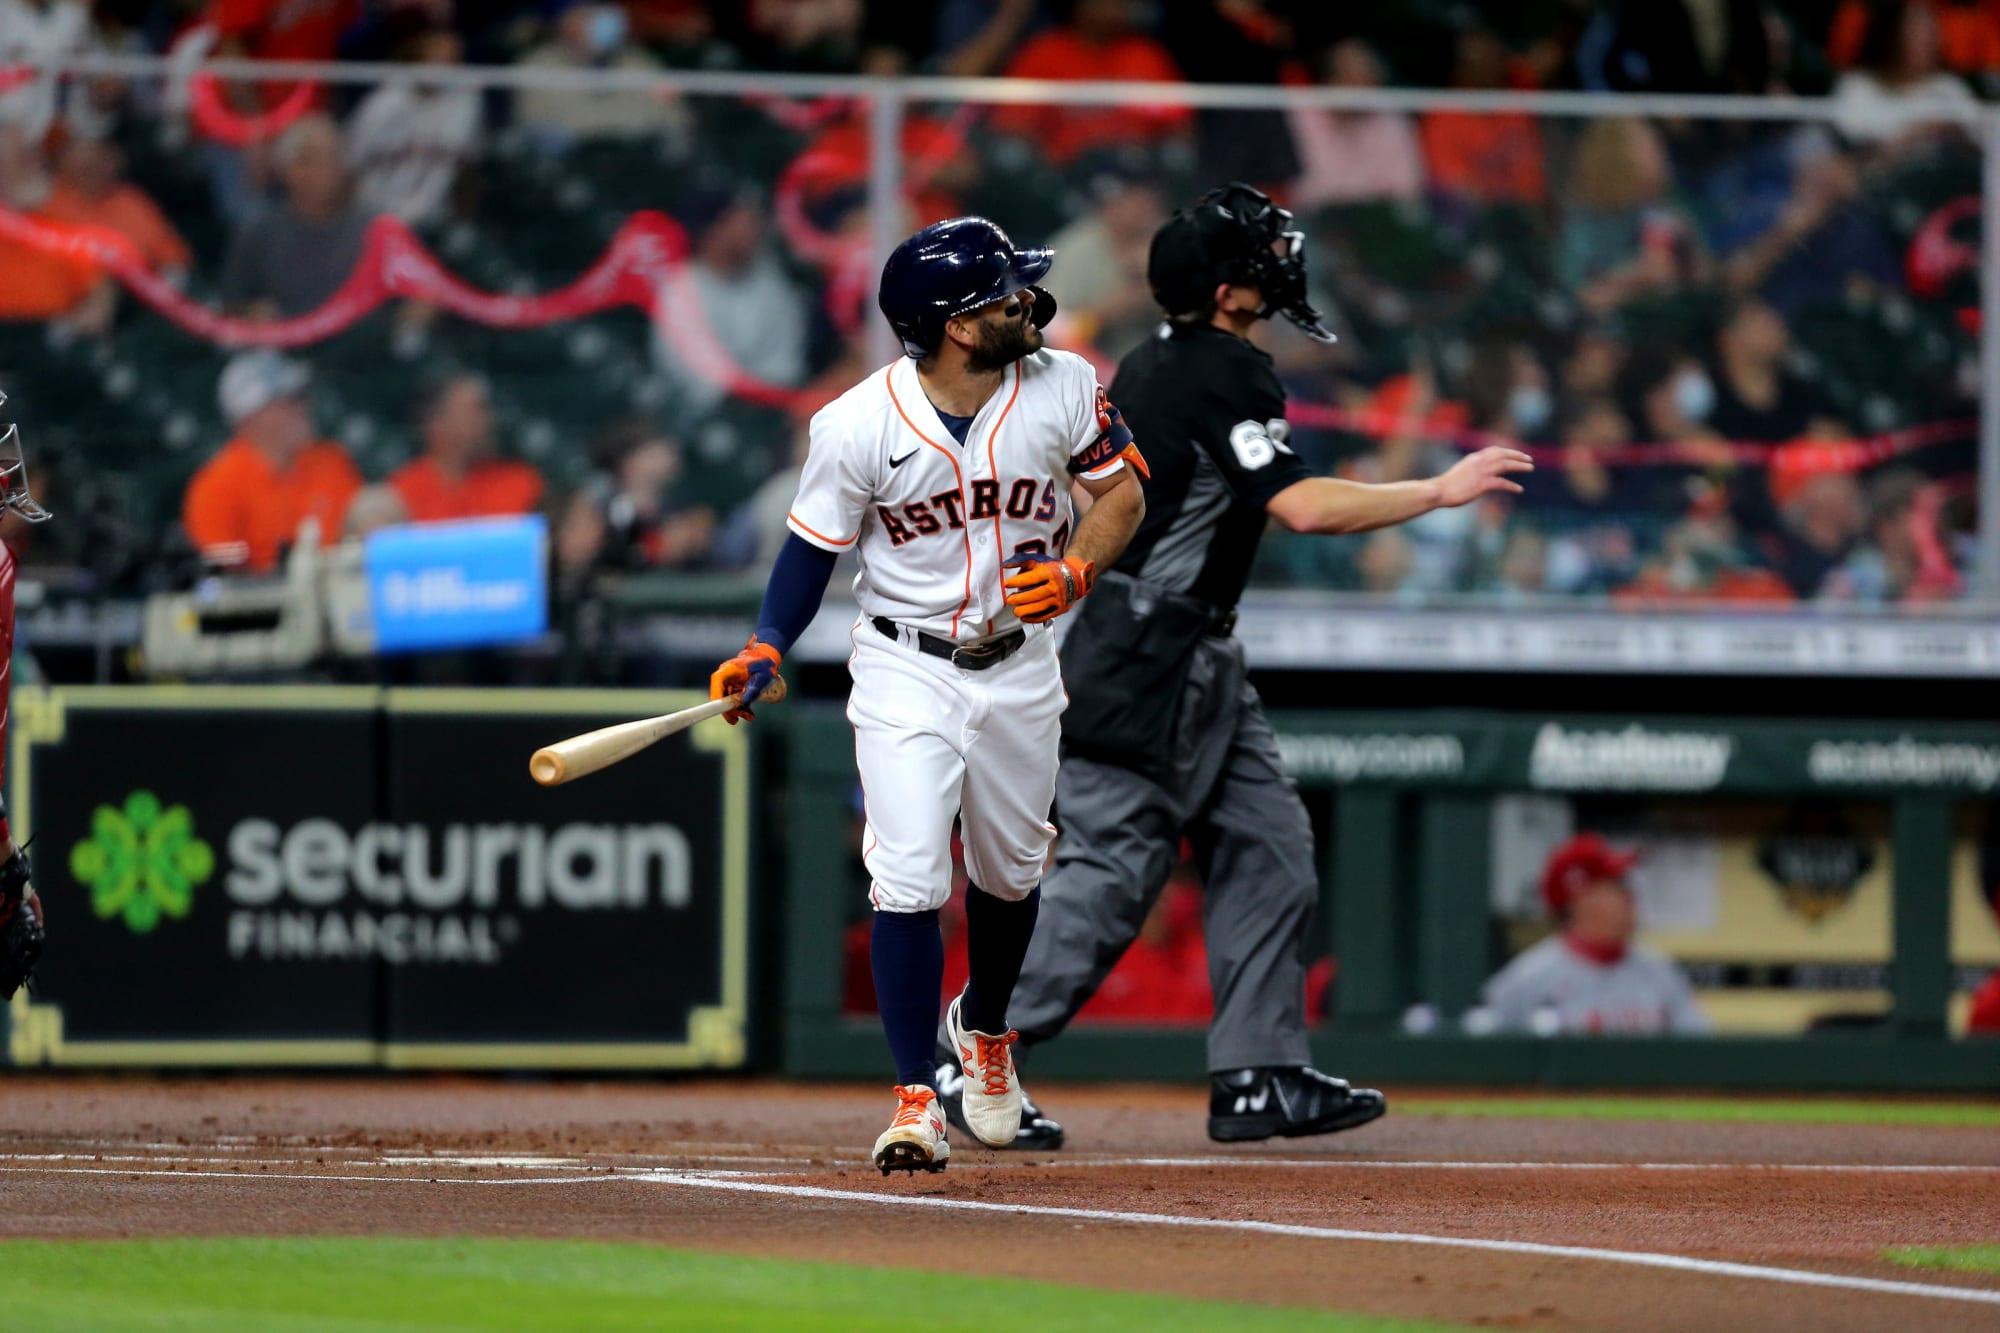 Astros: Jose Altuve delivers when it matters most